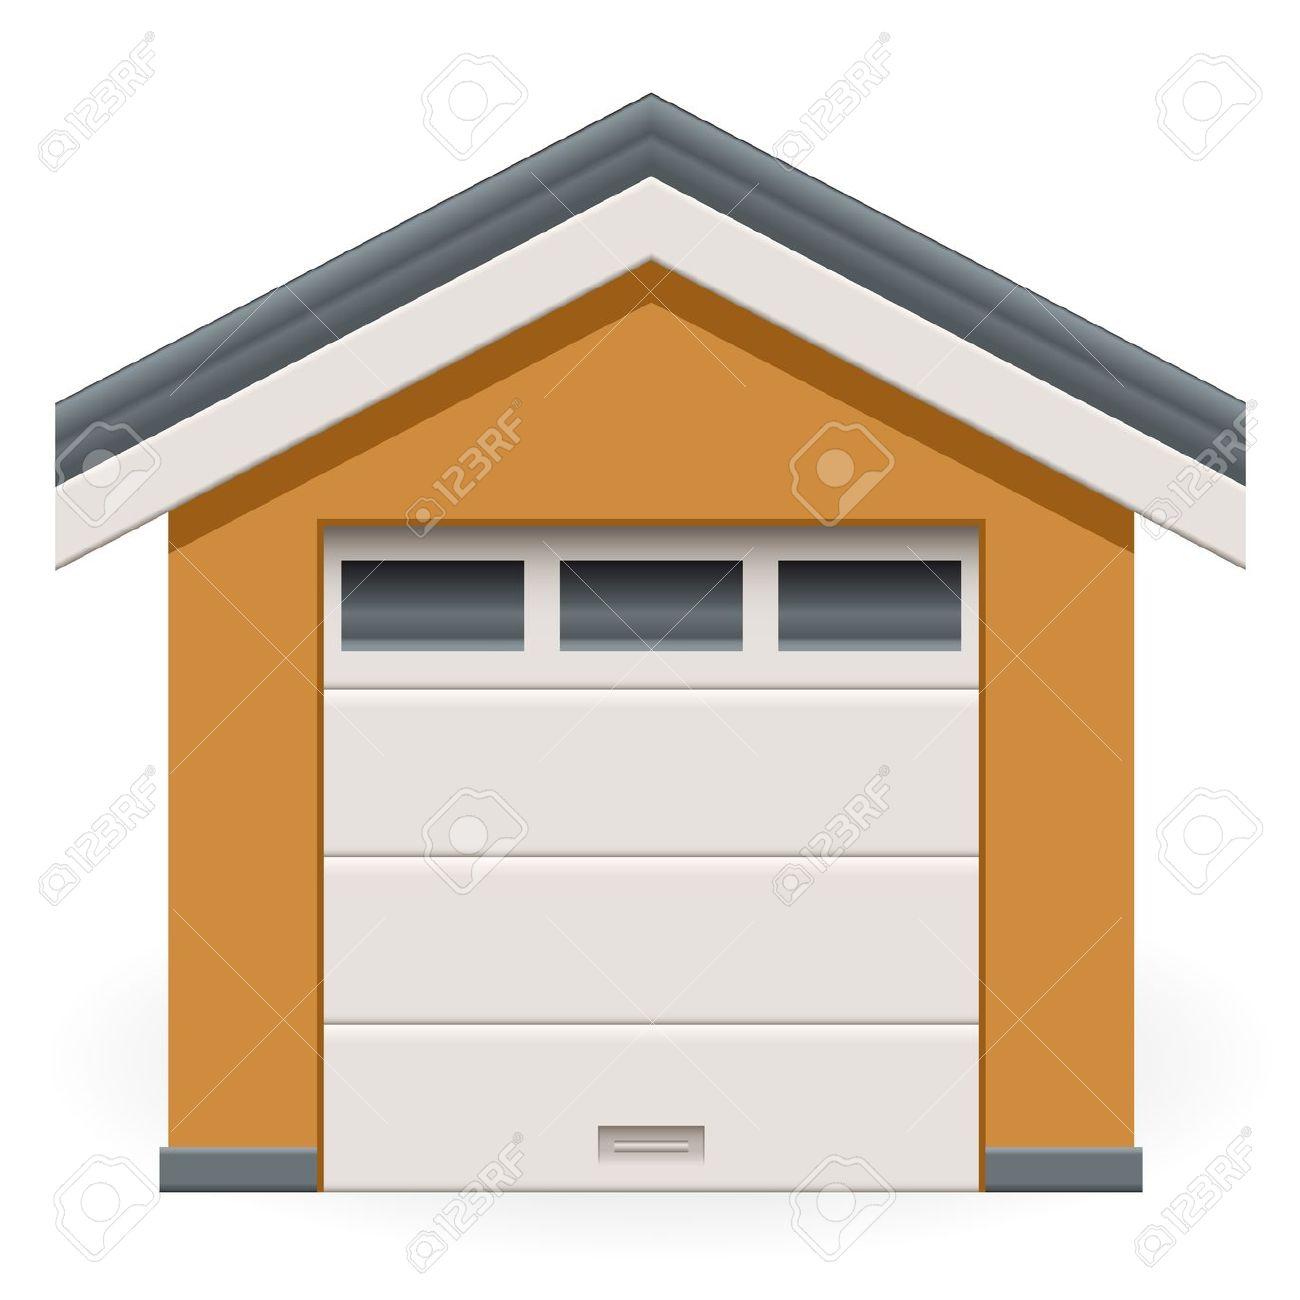 Garage Door Clip Art : Garage clipart illustrations panda free